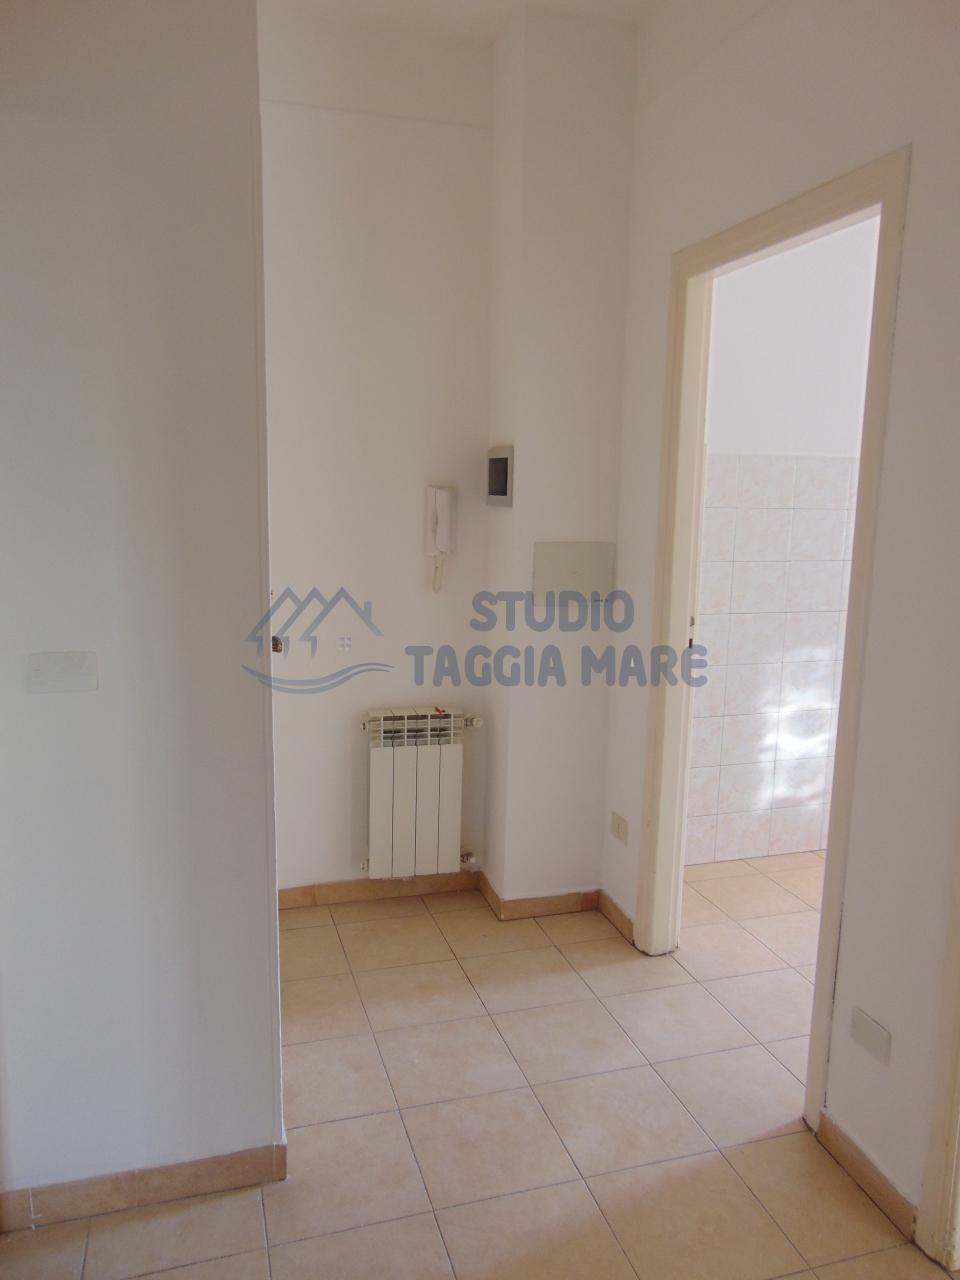 Appartamento in affitto a Taggia, 2 locali, prezzo € 450 | Cambio Casa.it